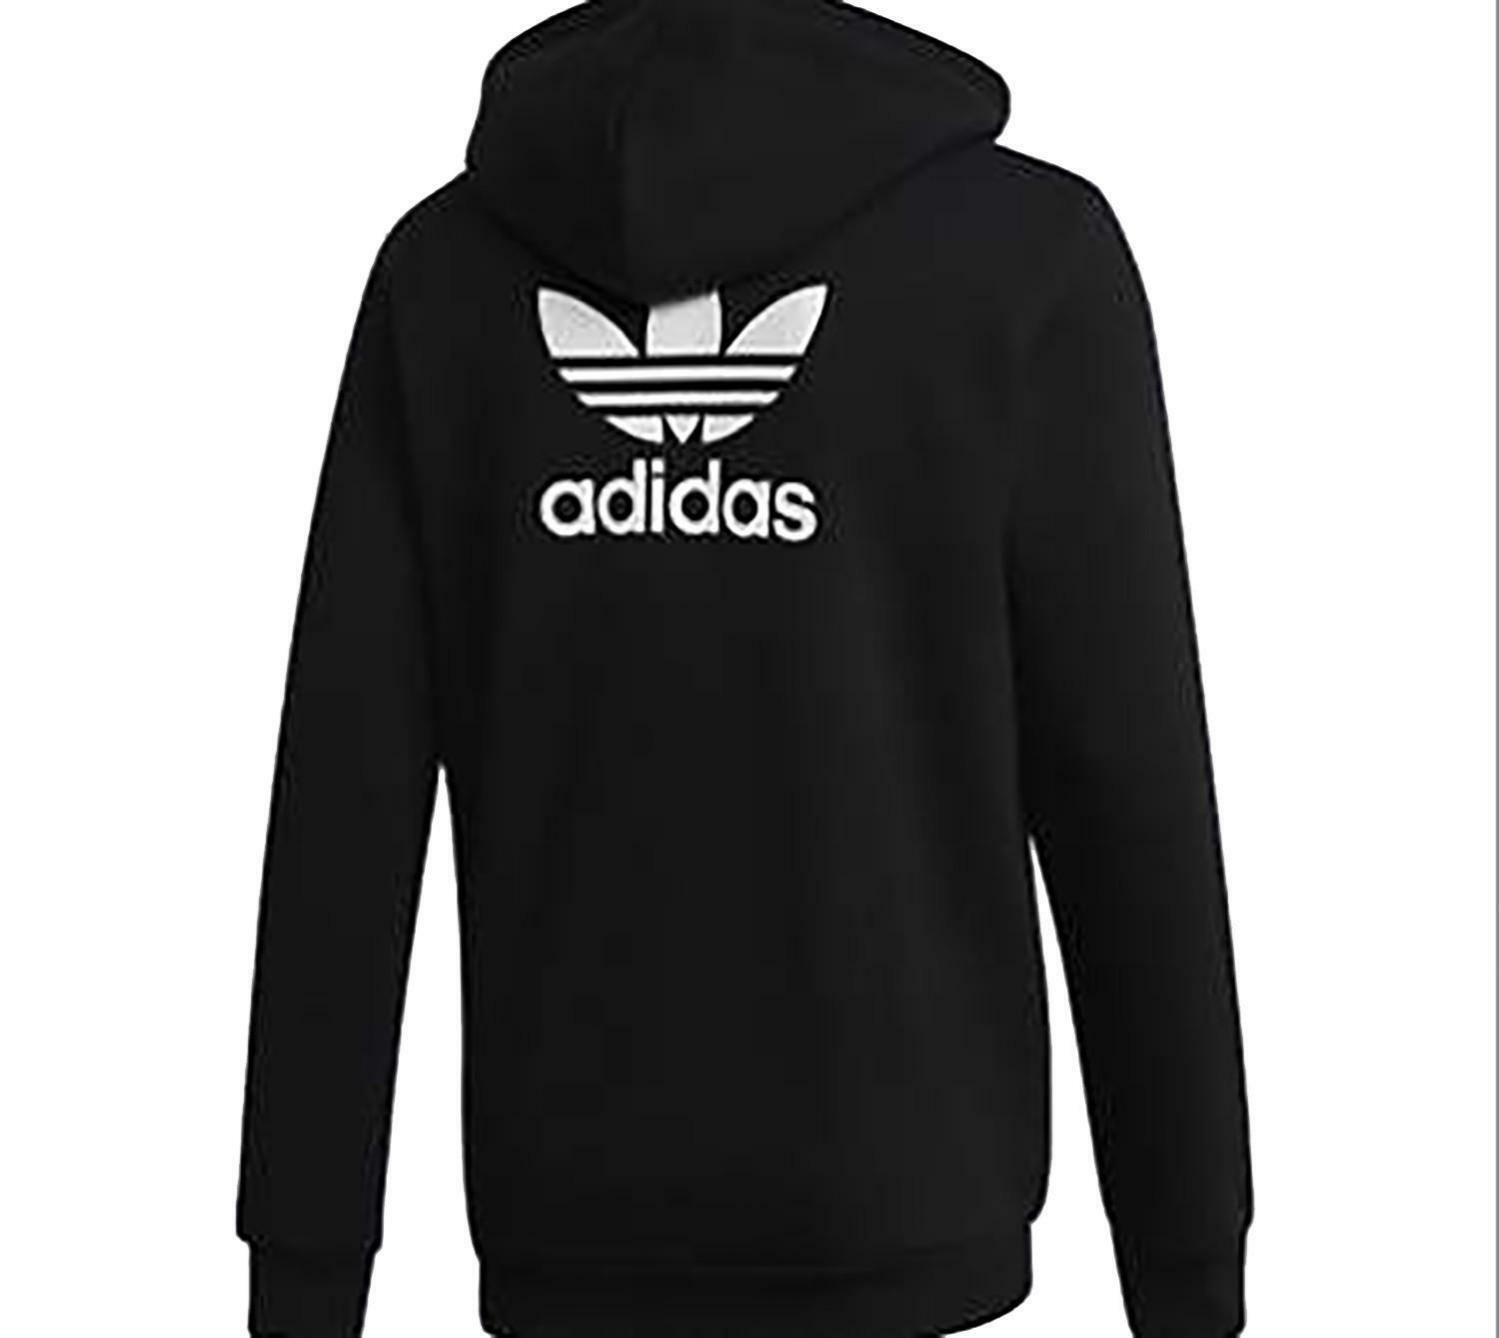 adidas adidas trf flc hoodie giacchetto uomo nero felpato dn6016